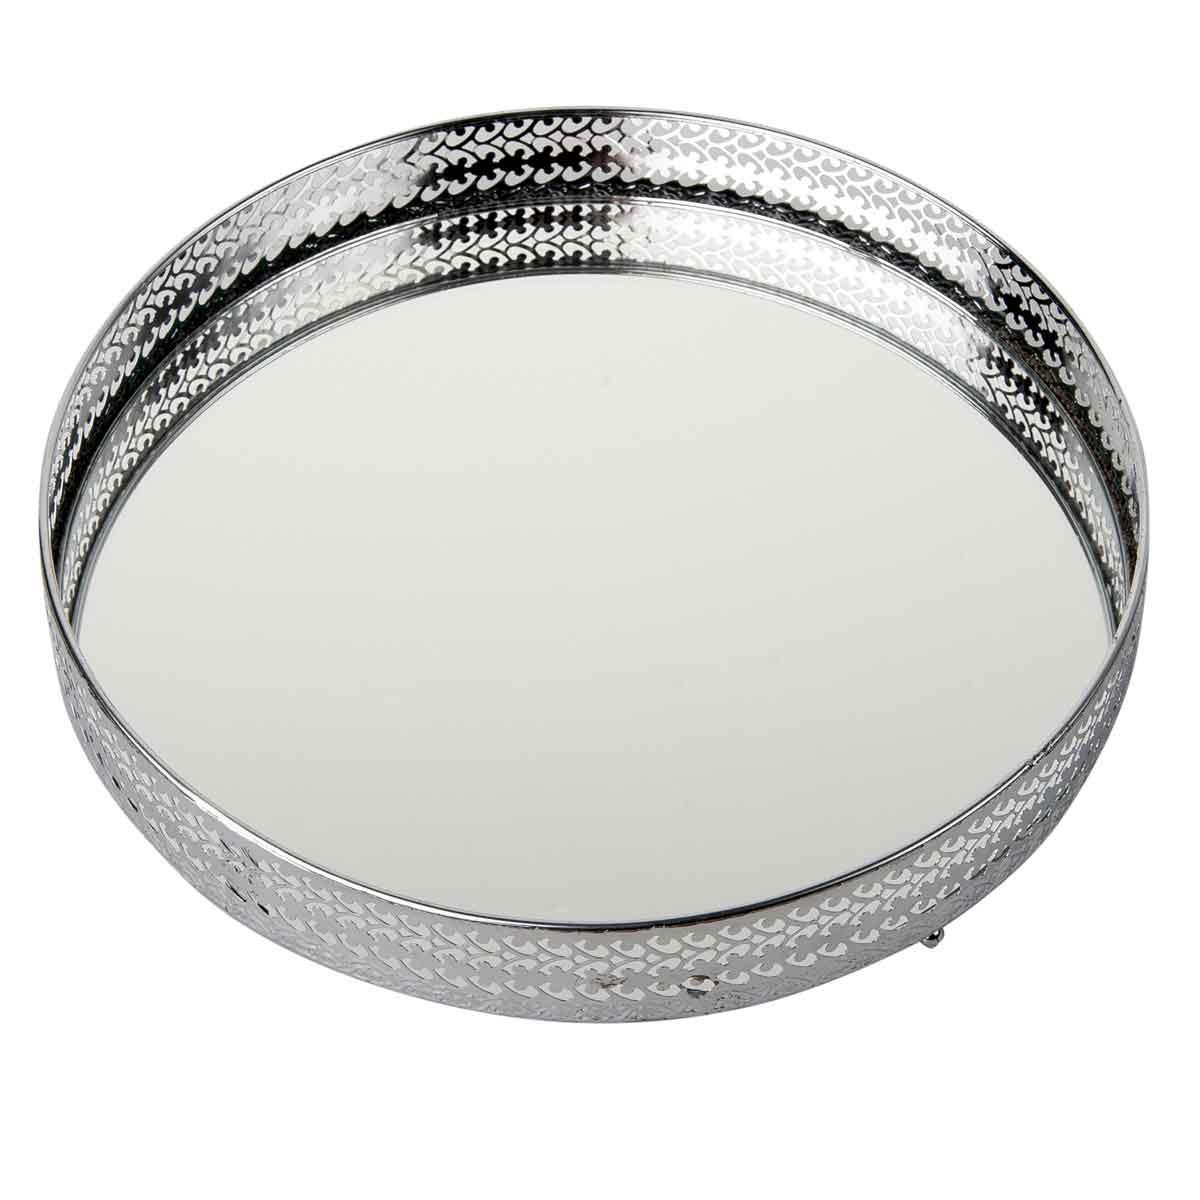 Vassoio con specchio diametro 26cm